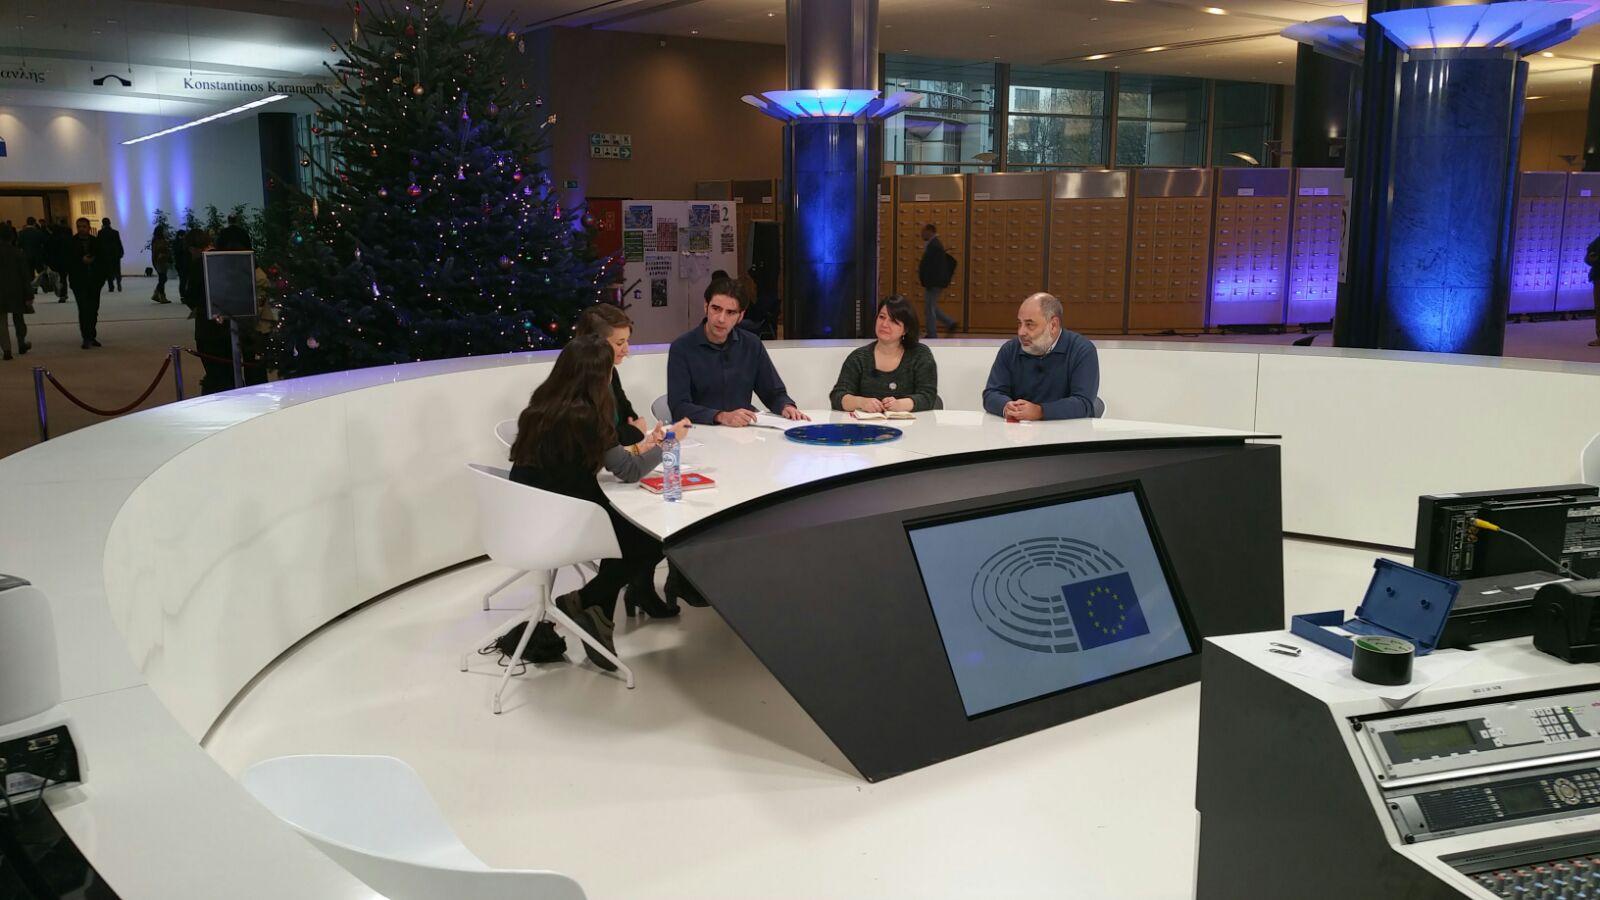 Entrevistes a sindicats, representants municipals i d'entitats valencianes sobre TTIP